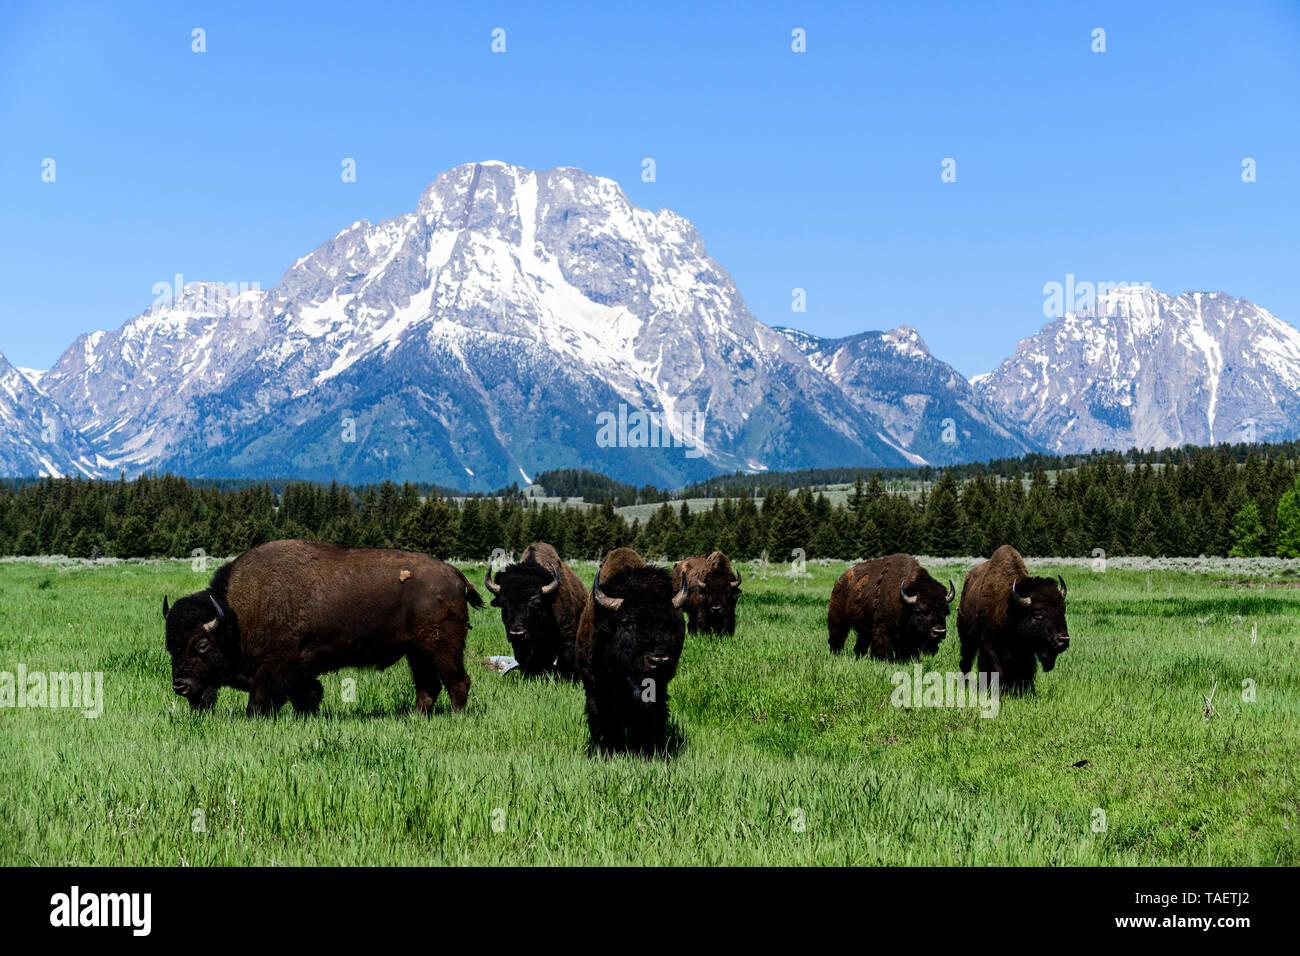 Un troupeau de bisons dans un champ avec Mt. Moran dans l'arrière-plan dans le Grand Teton National Park près de Jackson Hole, Wyoming USA. Banque D'Images